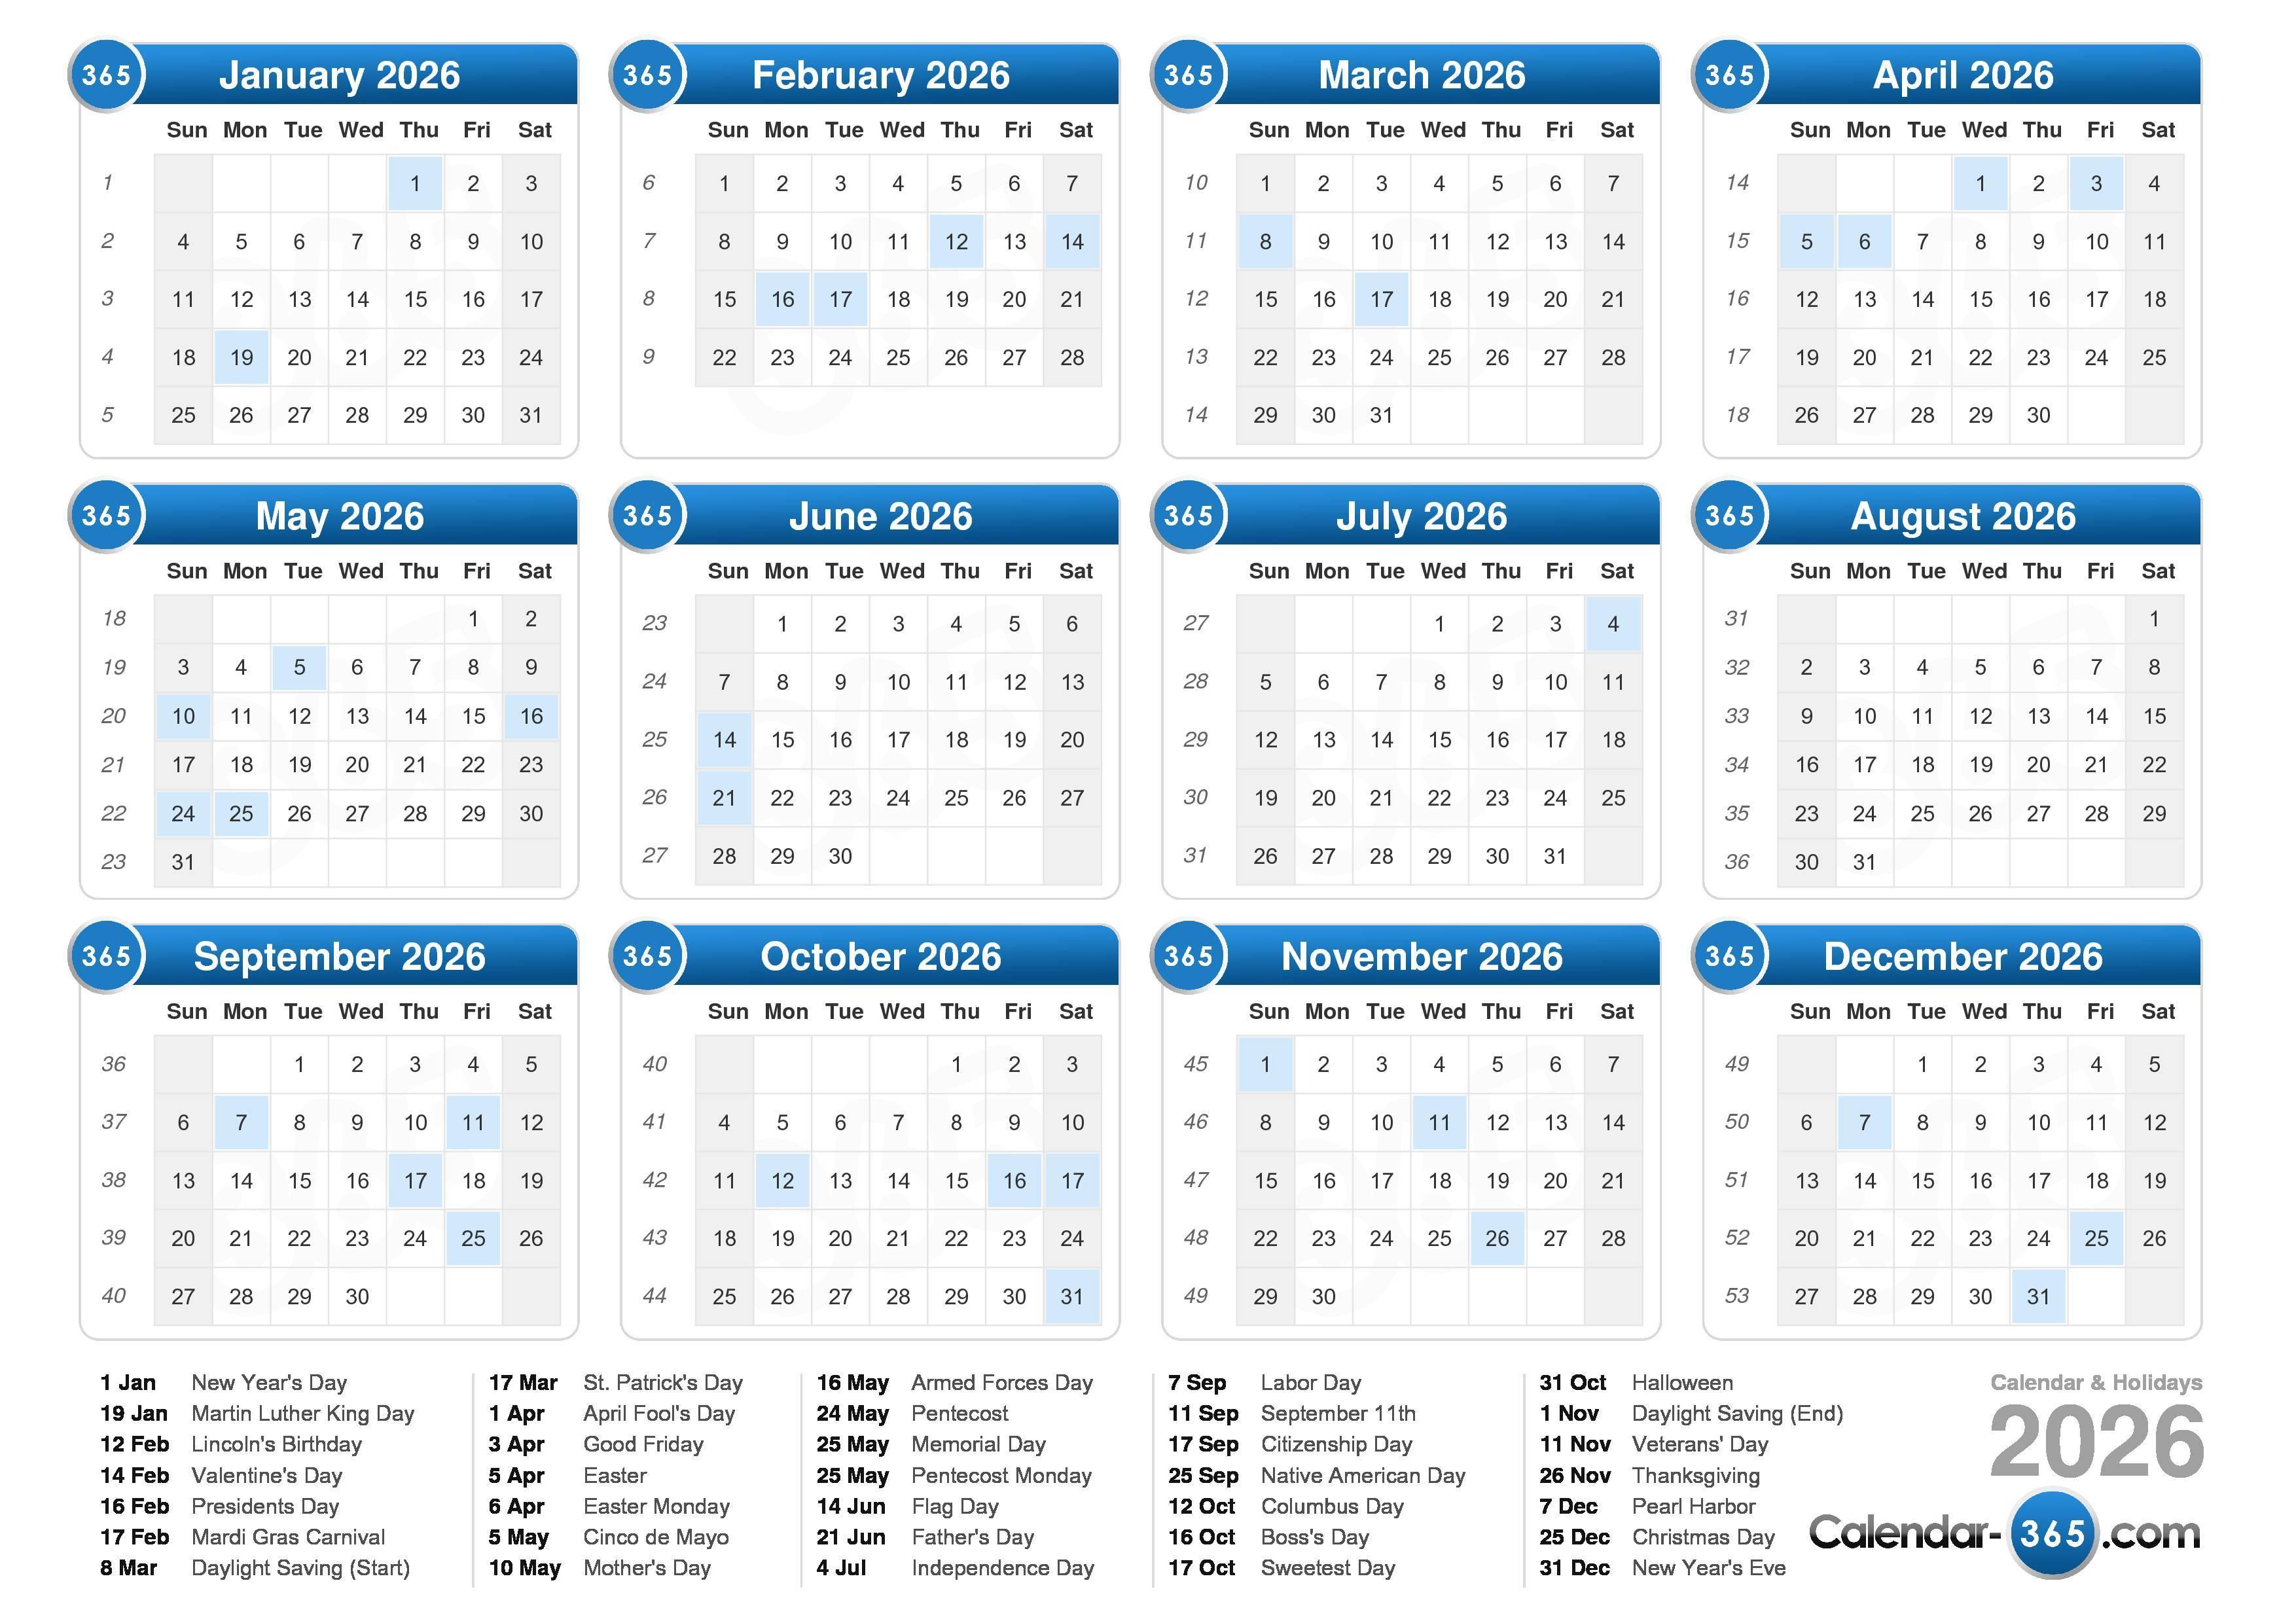 August 2026 Calendar 2026 calendar